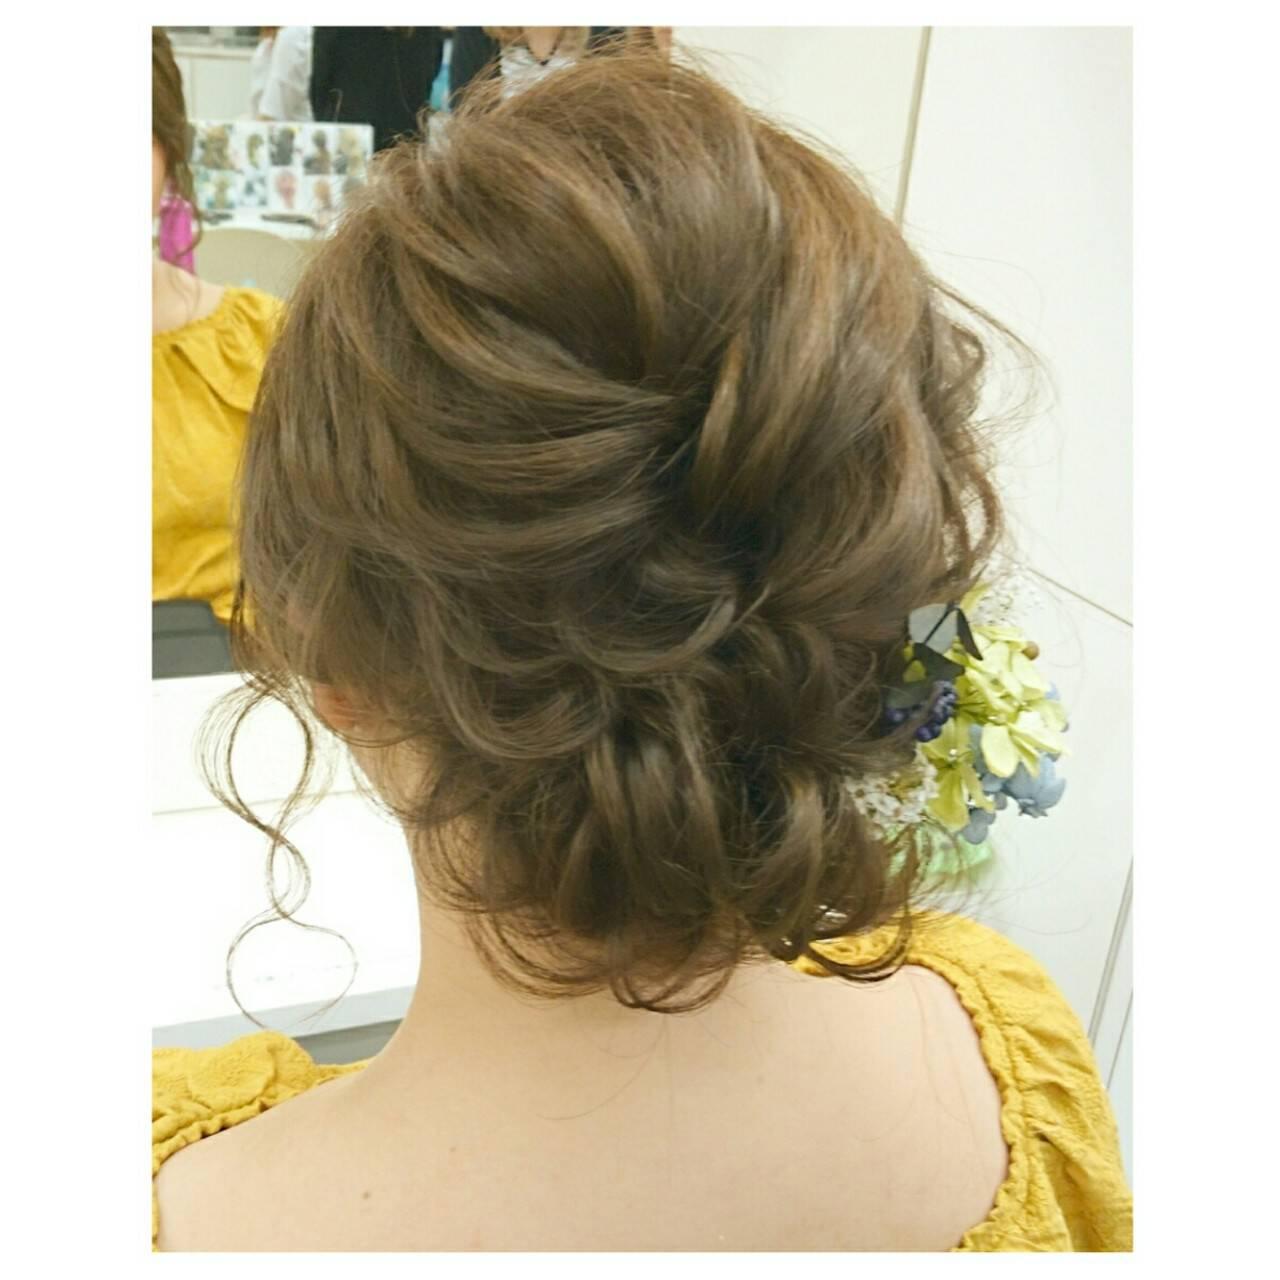 ヘアアレンジ 夏 結婚式 ミディアムヘアスタイルや髪型の写真・画像